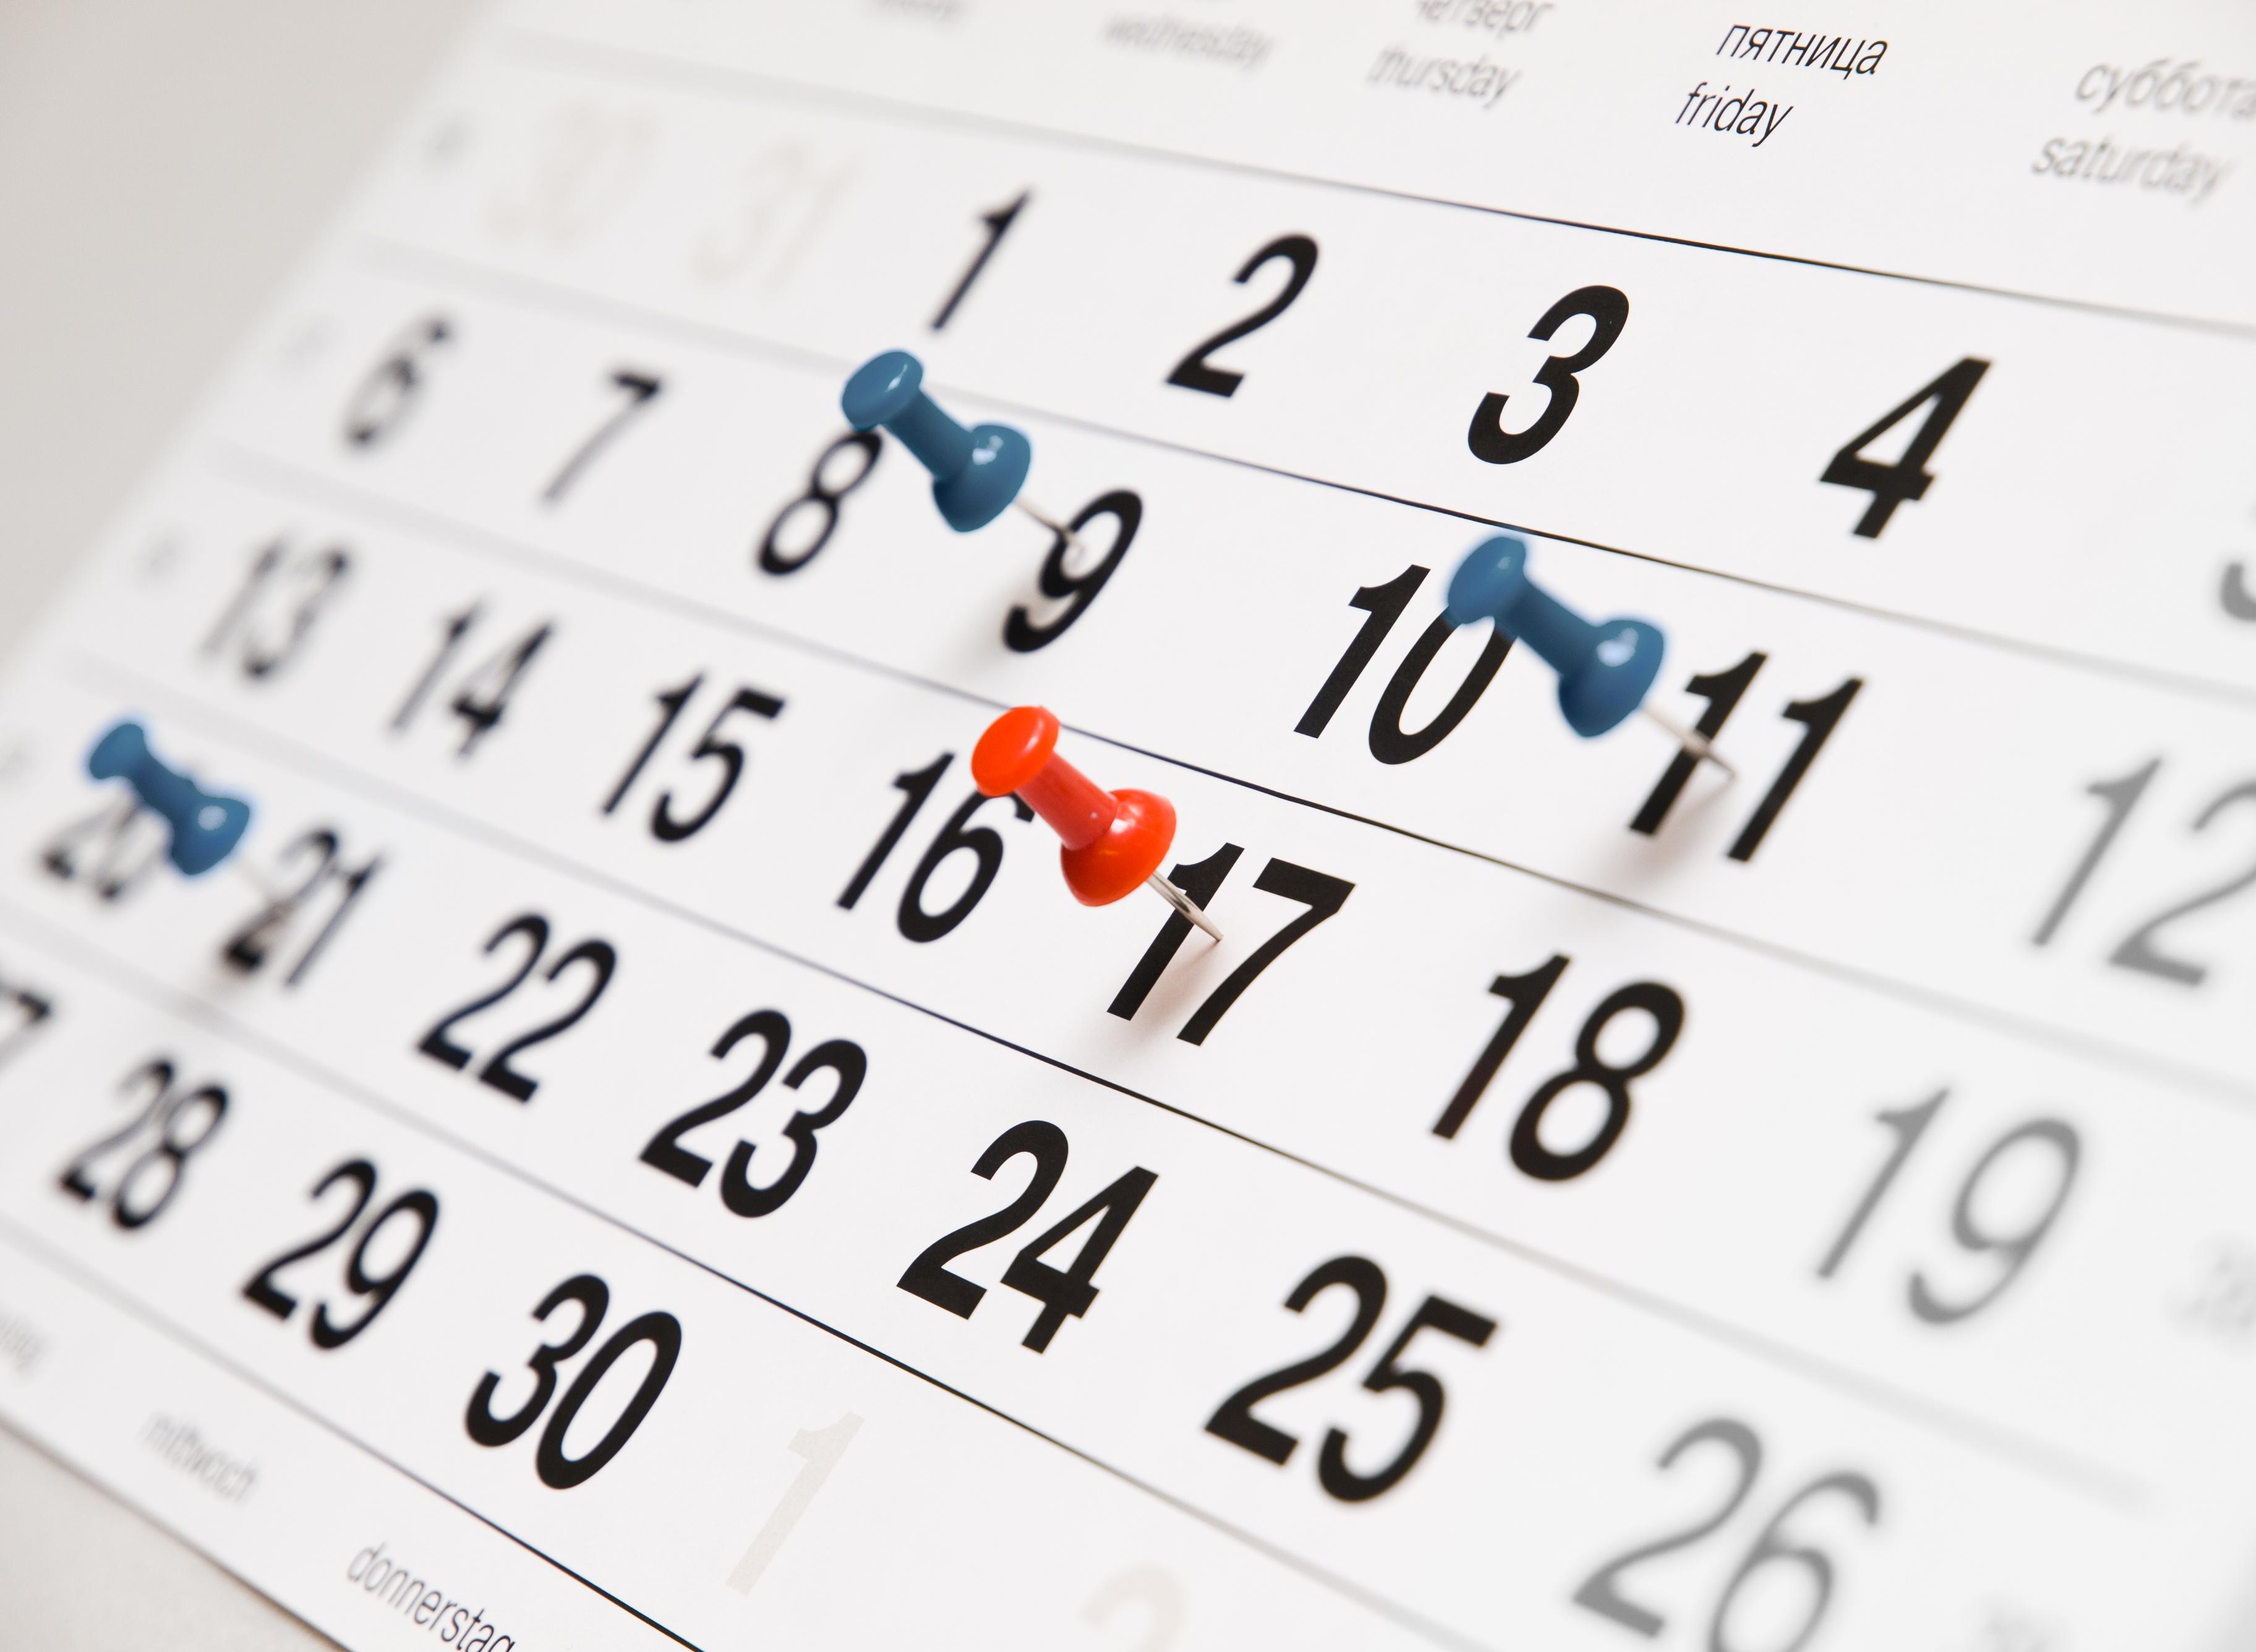 Nå kan du synkronisere kalenderen din med Arvakur